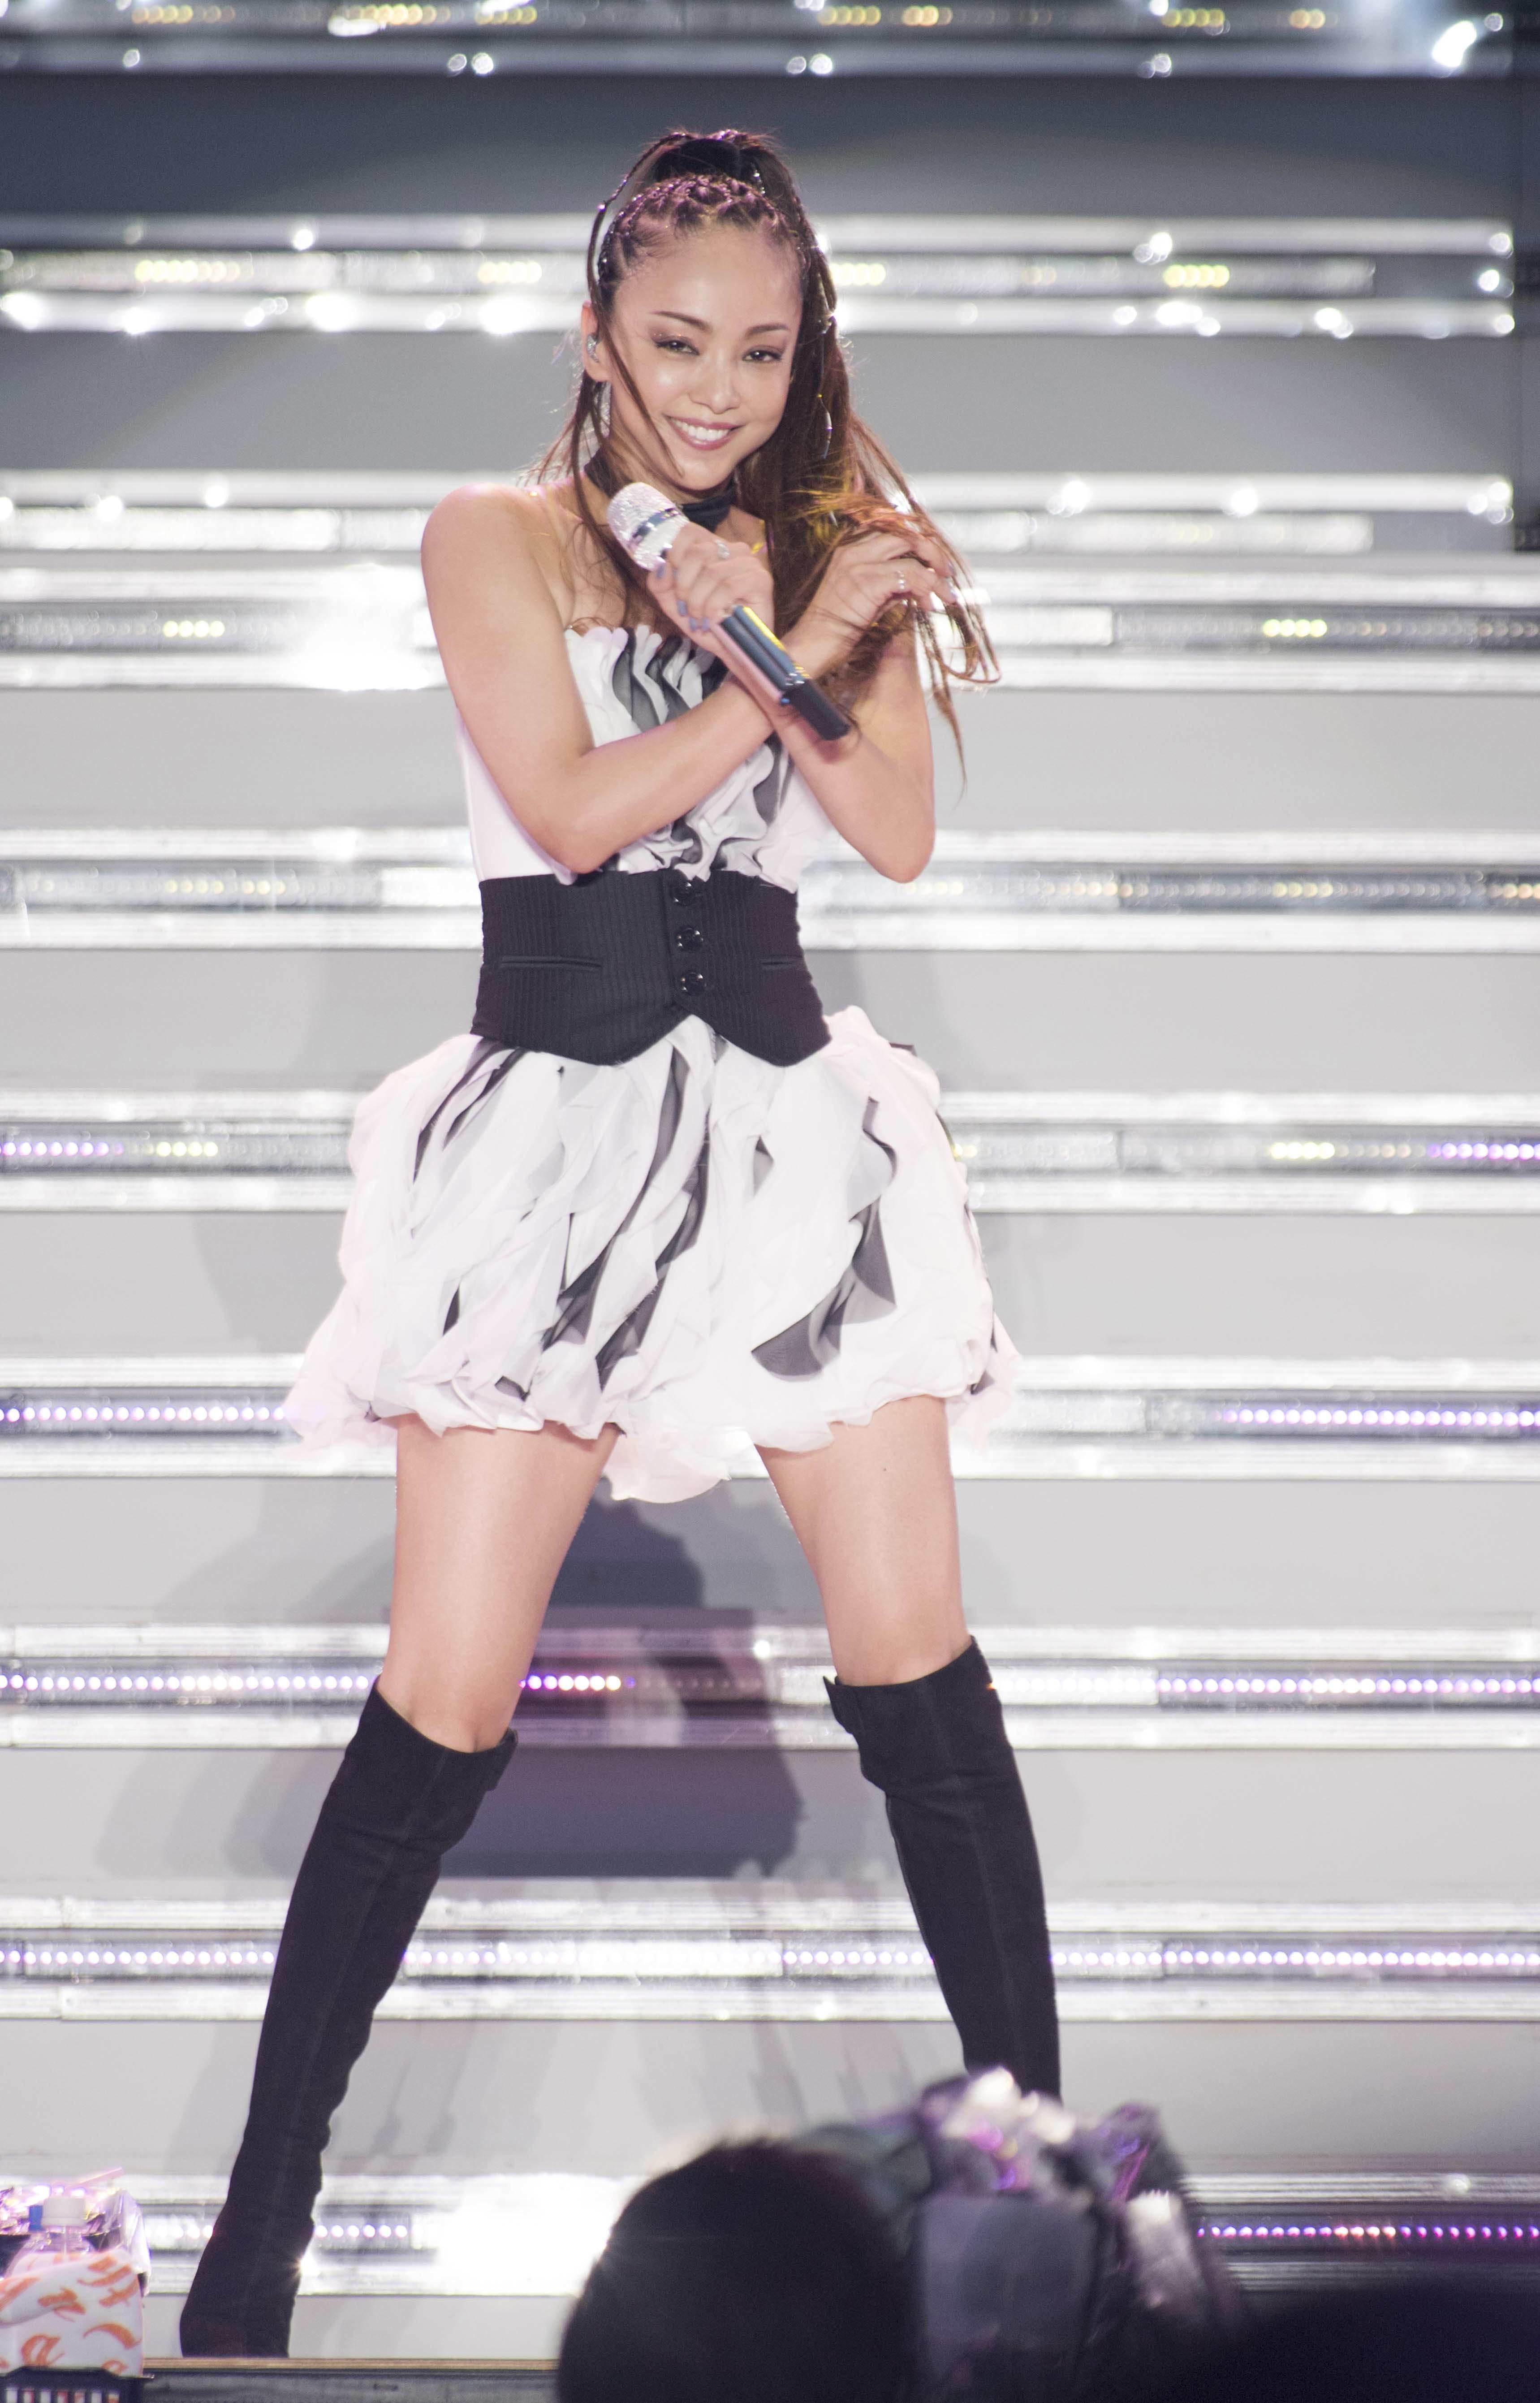 『安室奈美恵 25th ANNIVERSARY LIVE in OKINAWA』